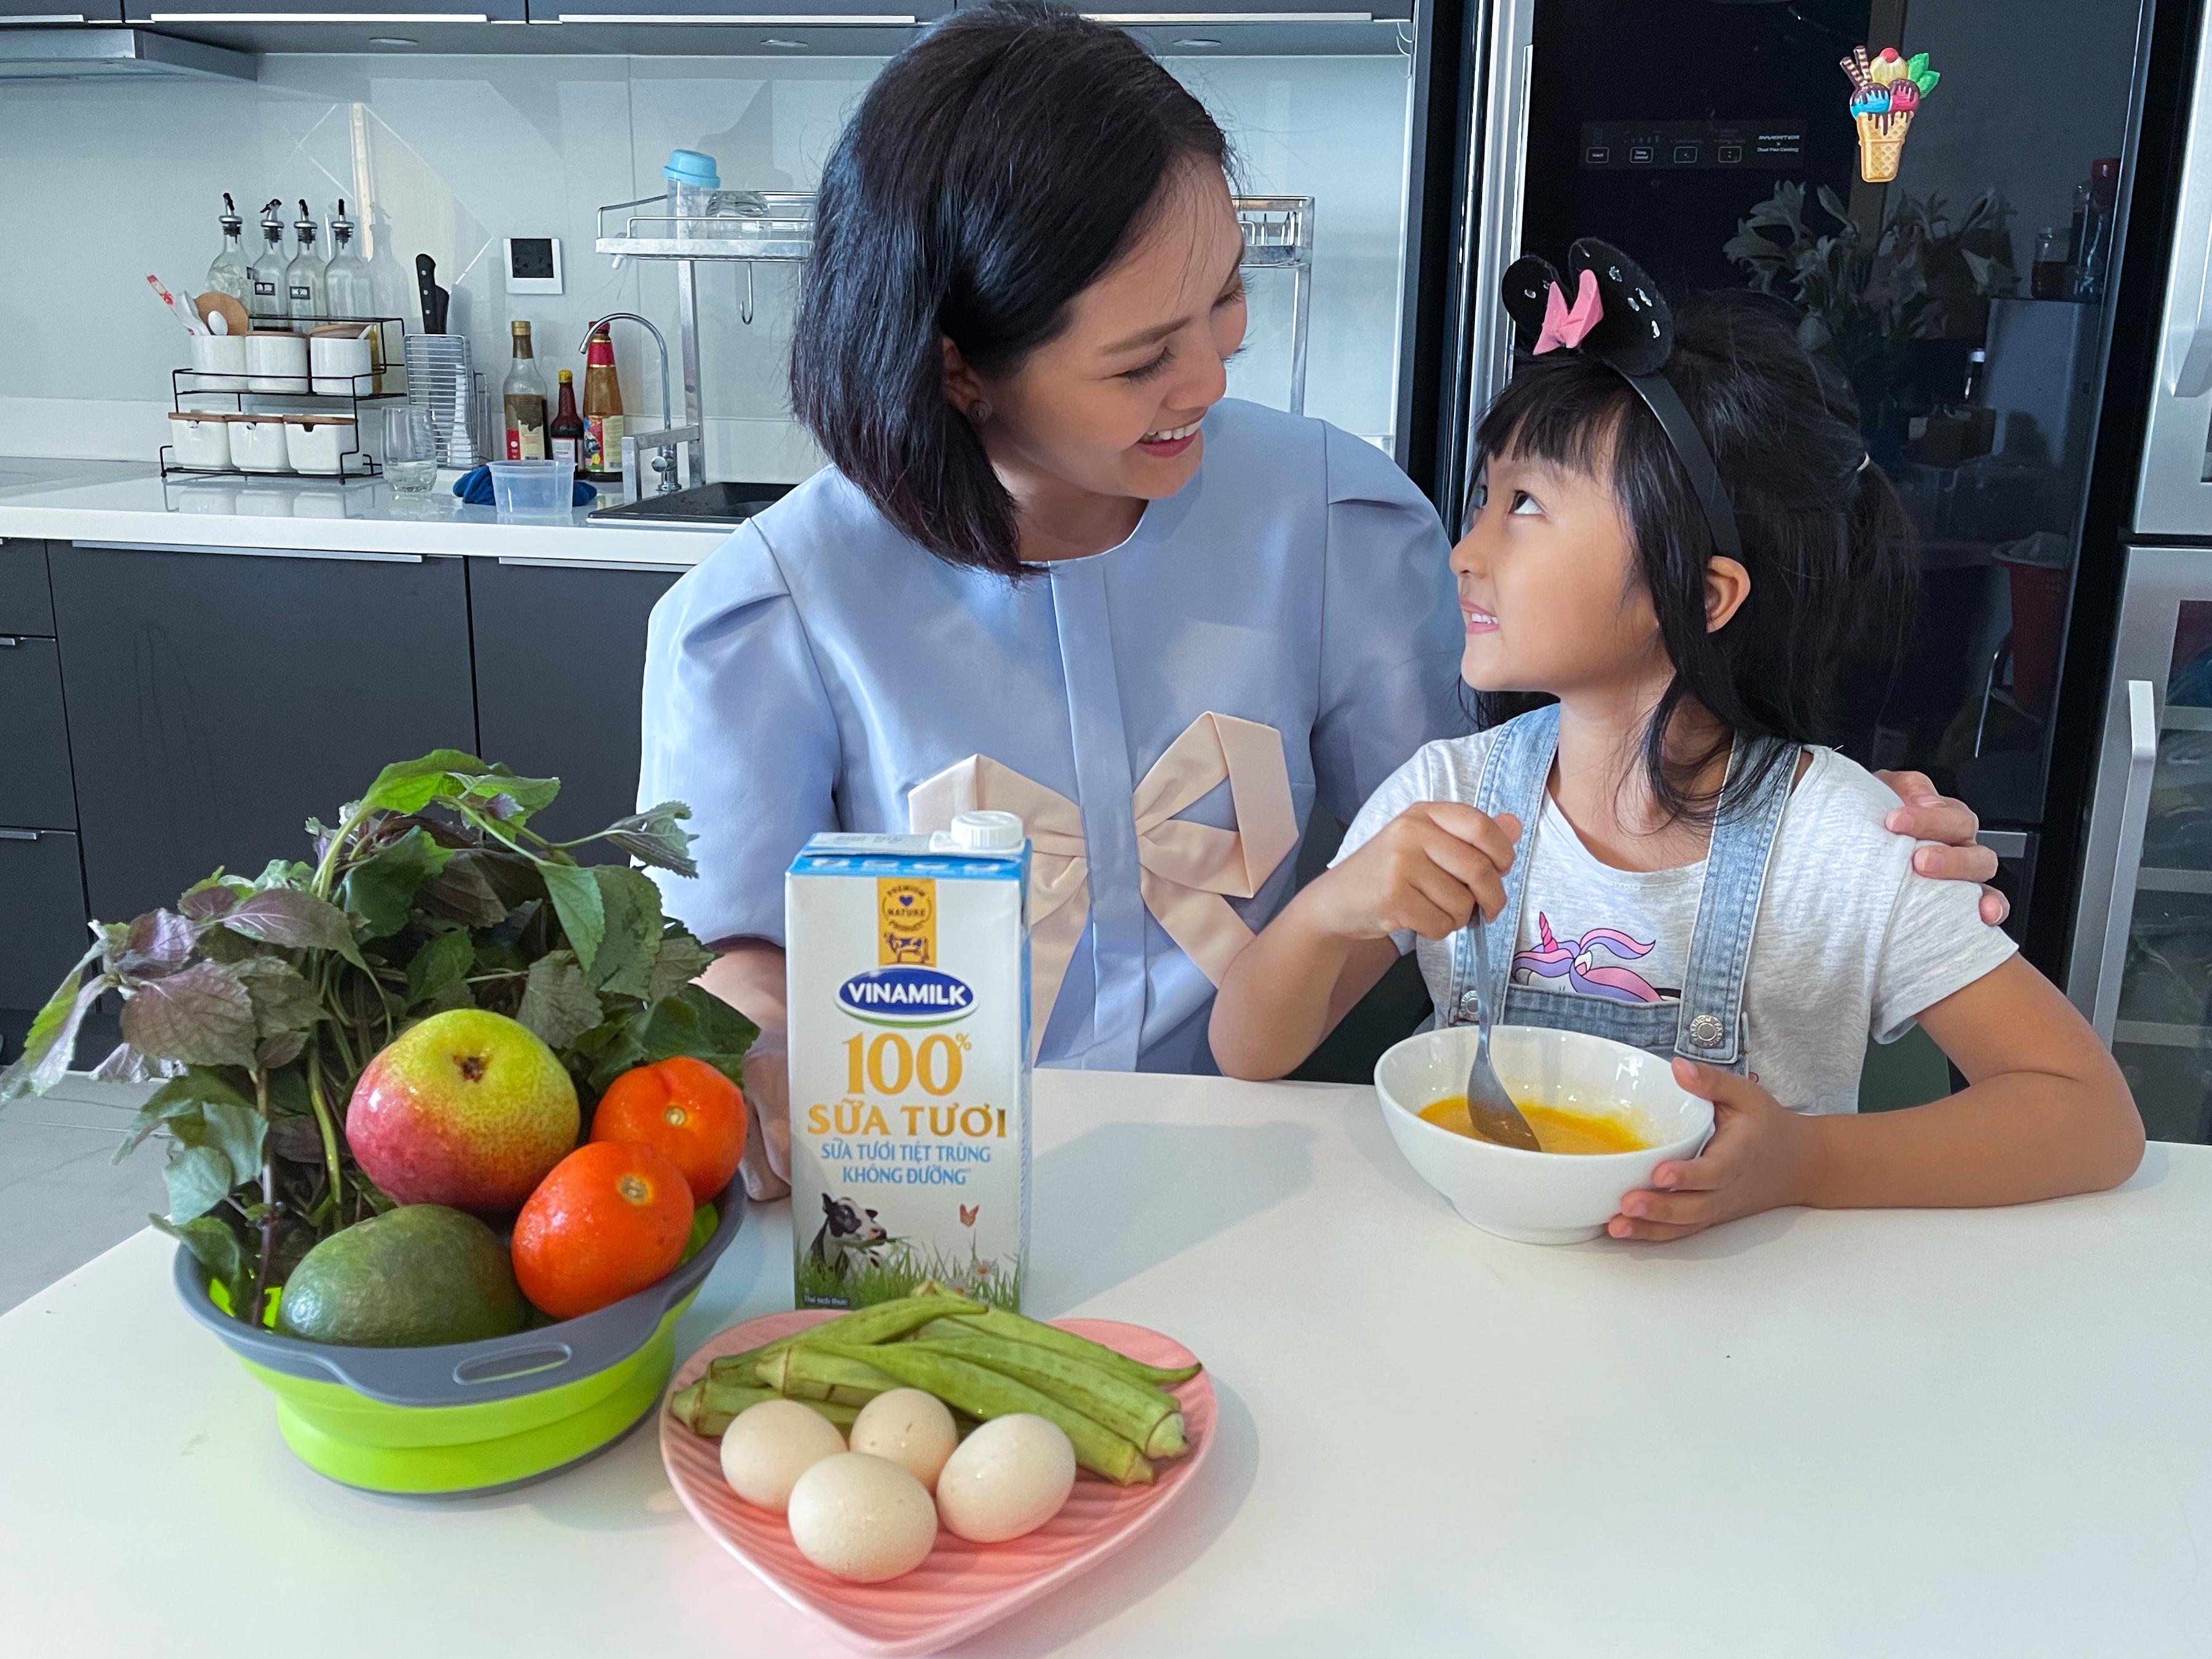 Vinamilk có nhiều nhãn hiệu quen thuộc với mọi gia đình như Ông Thọ, Sữa tươi 100%, Sữa bột Dielac, sữa chua Vinamilk, Probi…